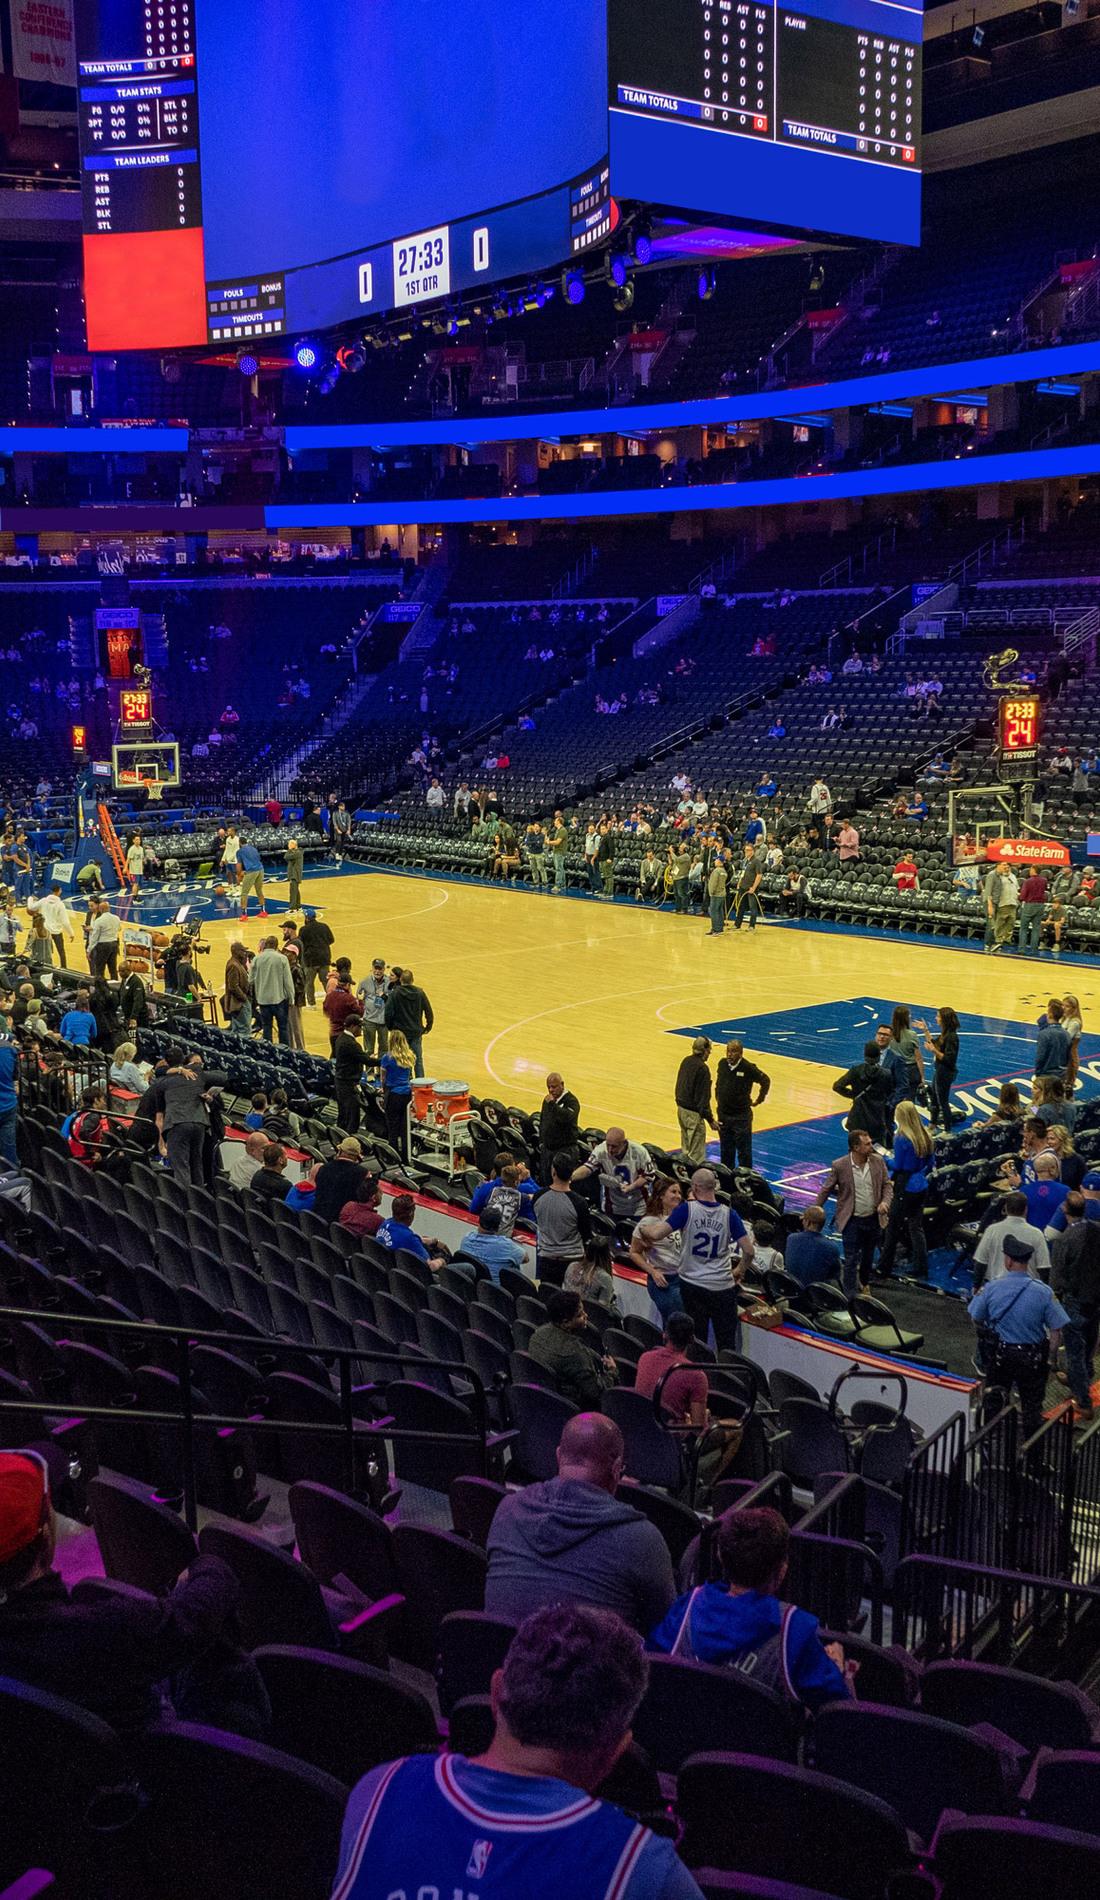 A Philadelphia 76ers live event